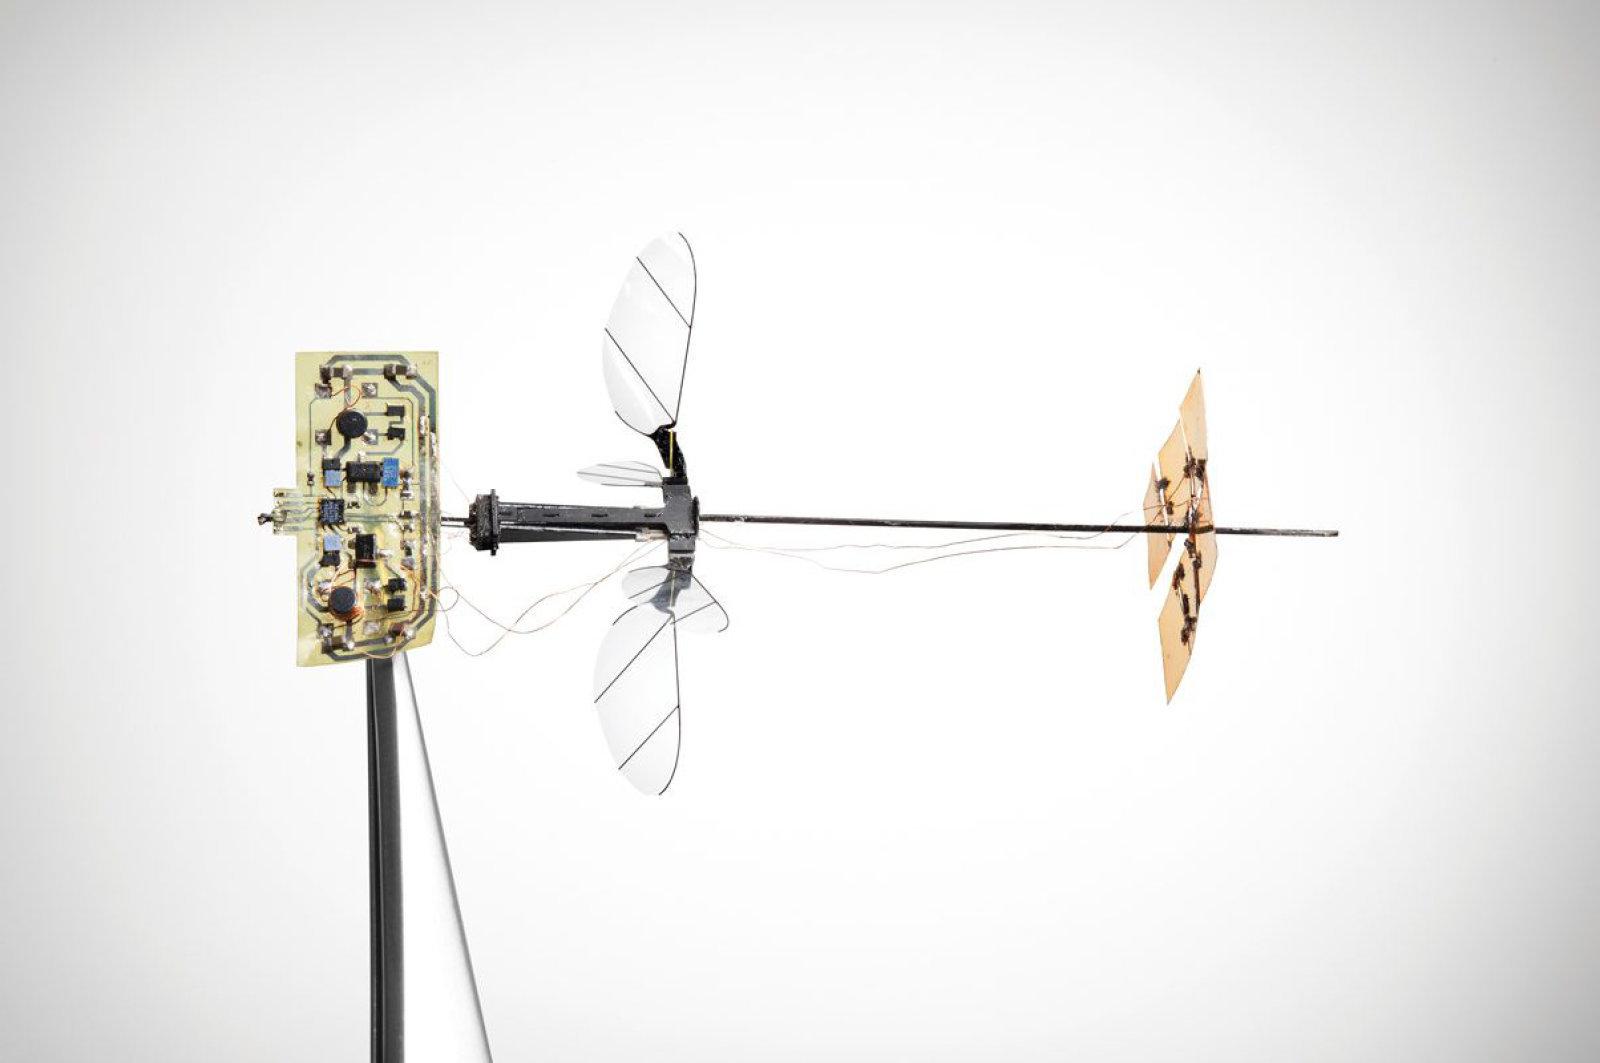 روبات زنبوری دانشگاه هاروارد